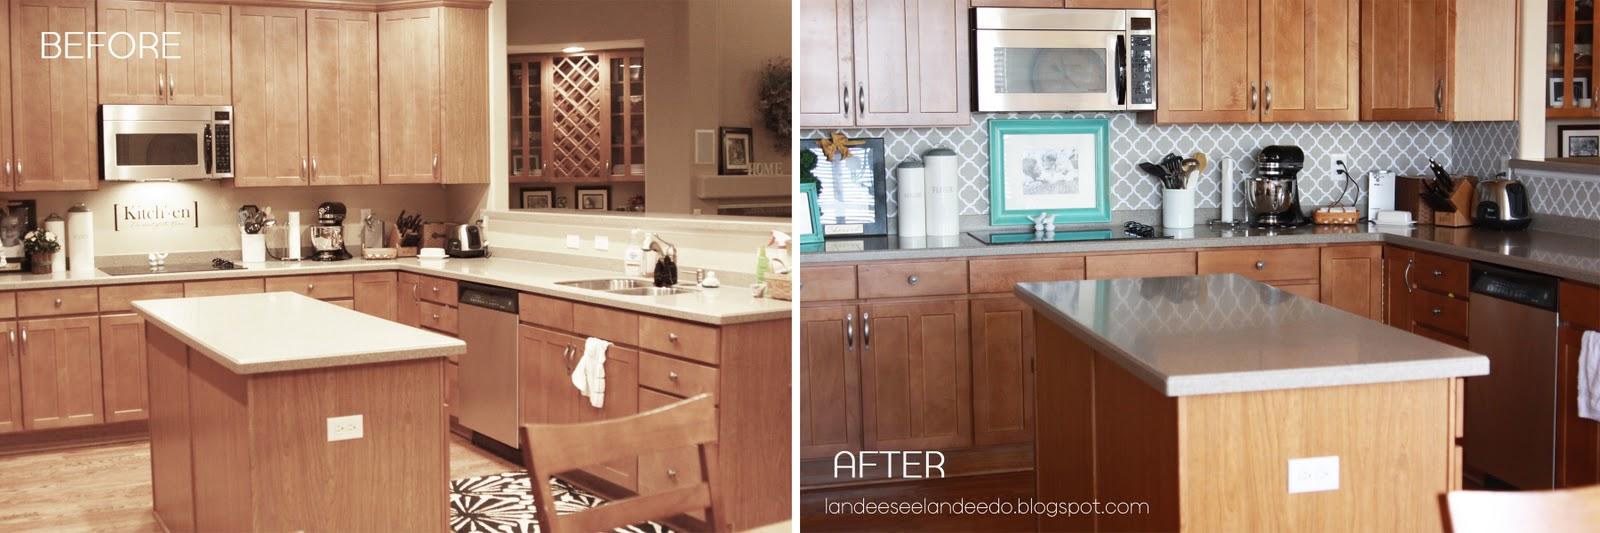 - 2016 Kitchen Backsplash Trends – Adhesive Kitchen Backsplashes